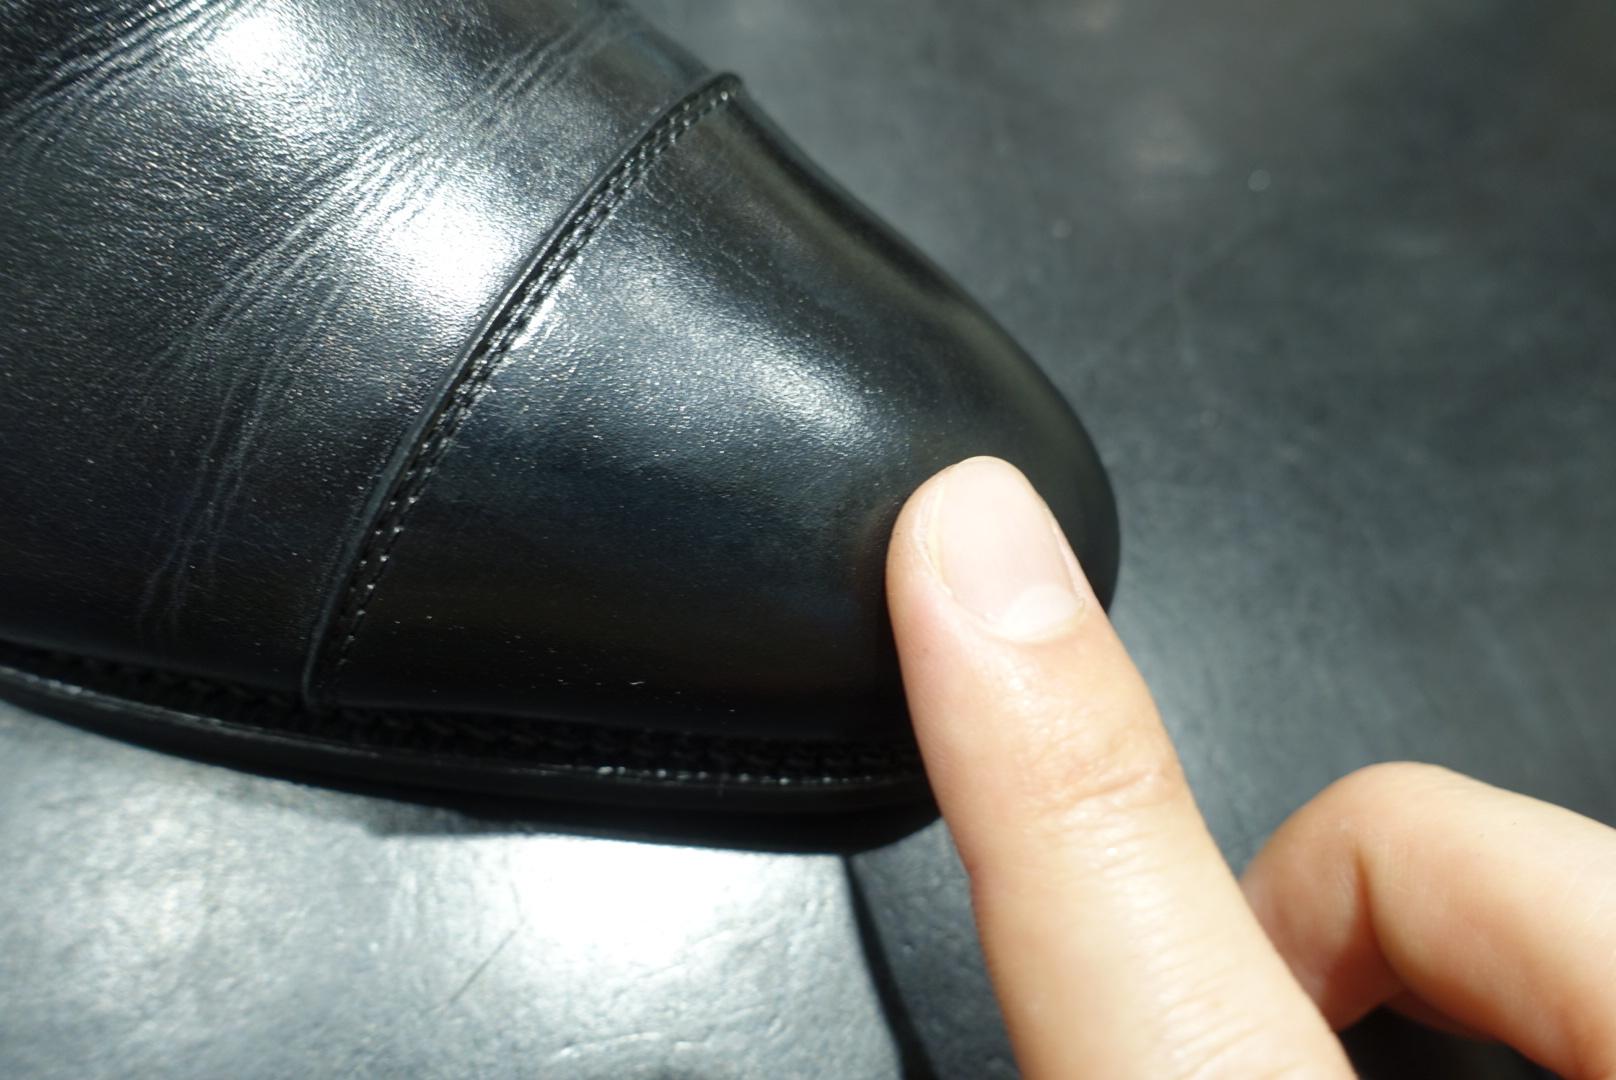 クリームを指で塗る_f0374162_12444944.jpg